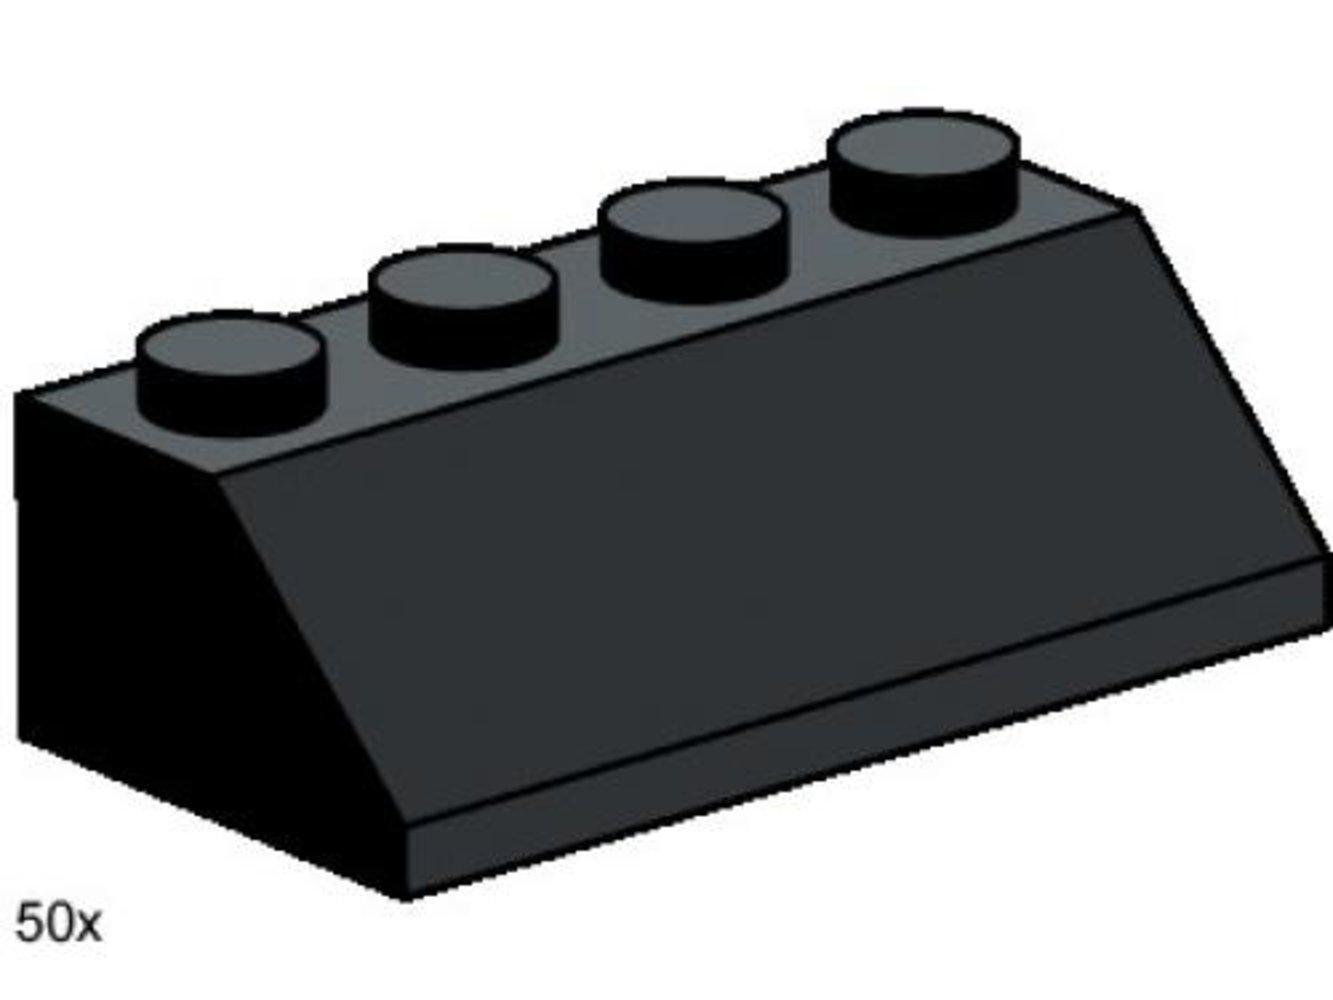 2 x 4 Roof Tile Black